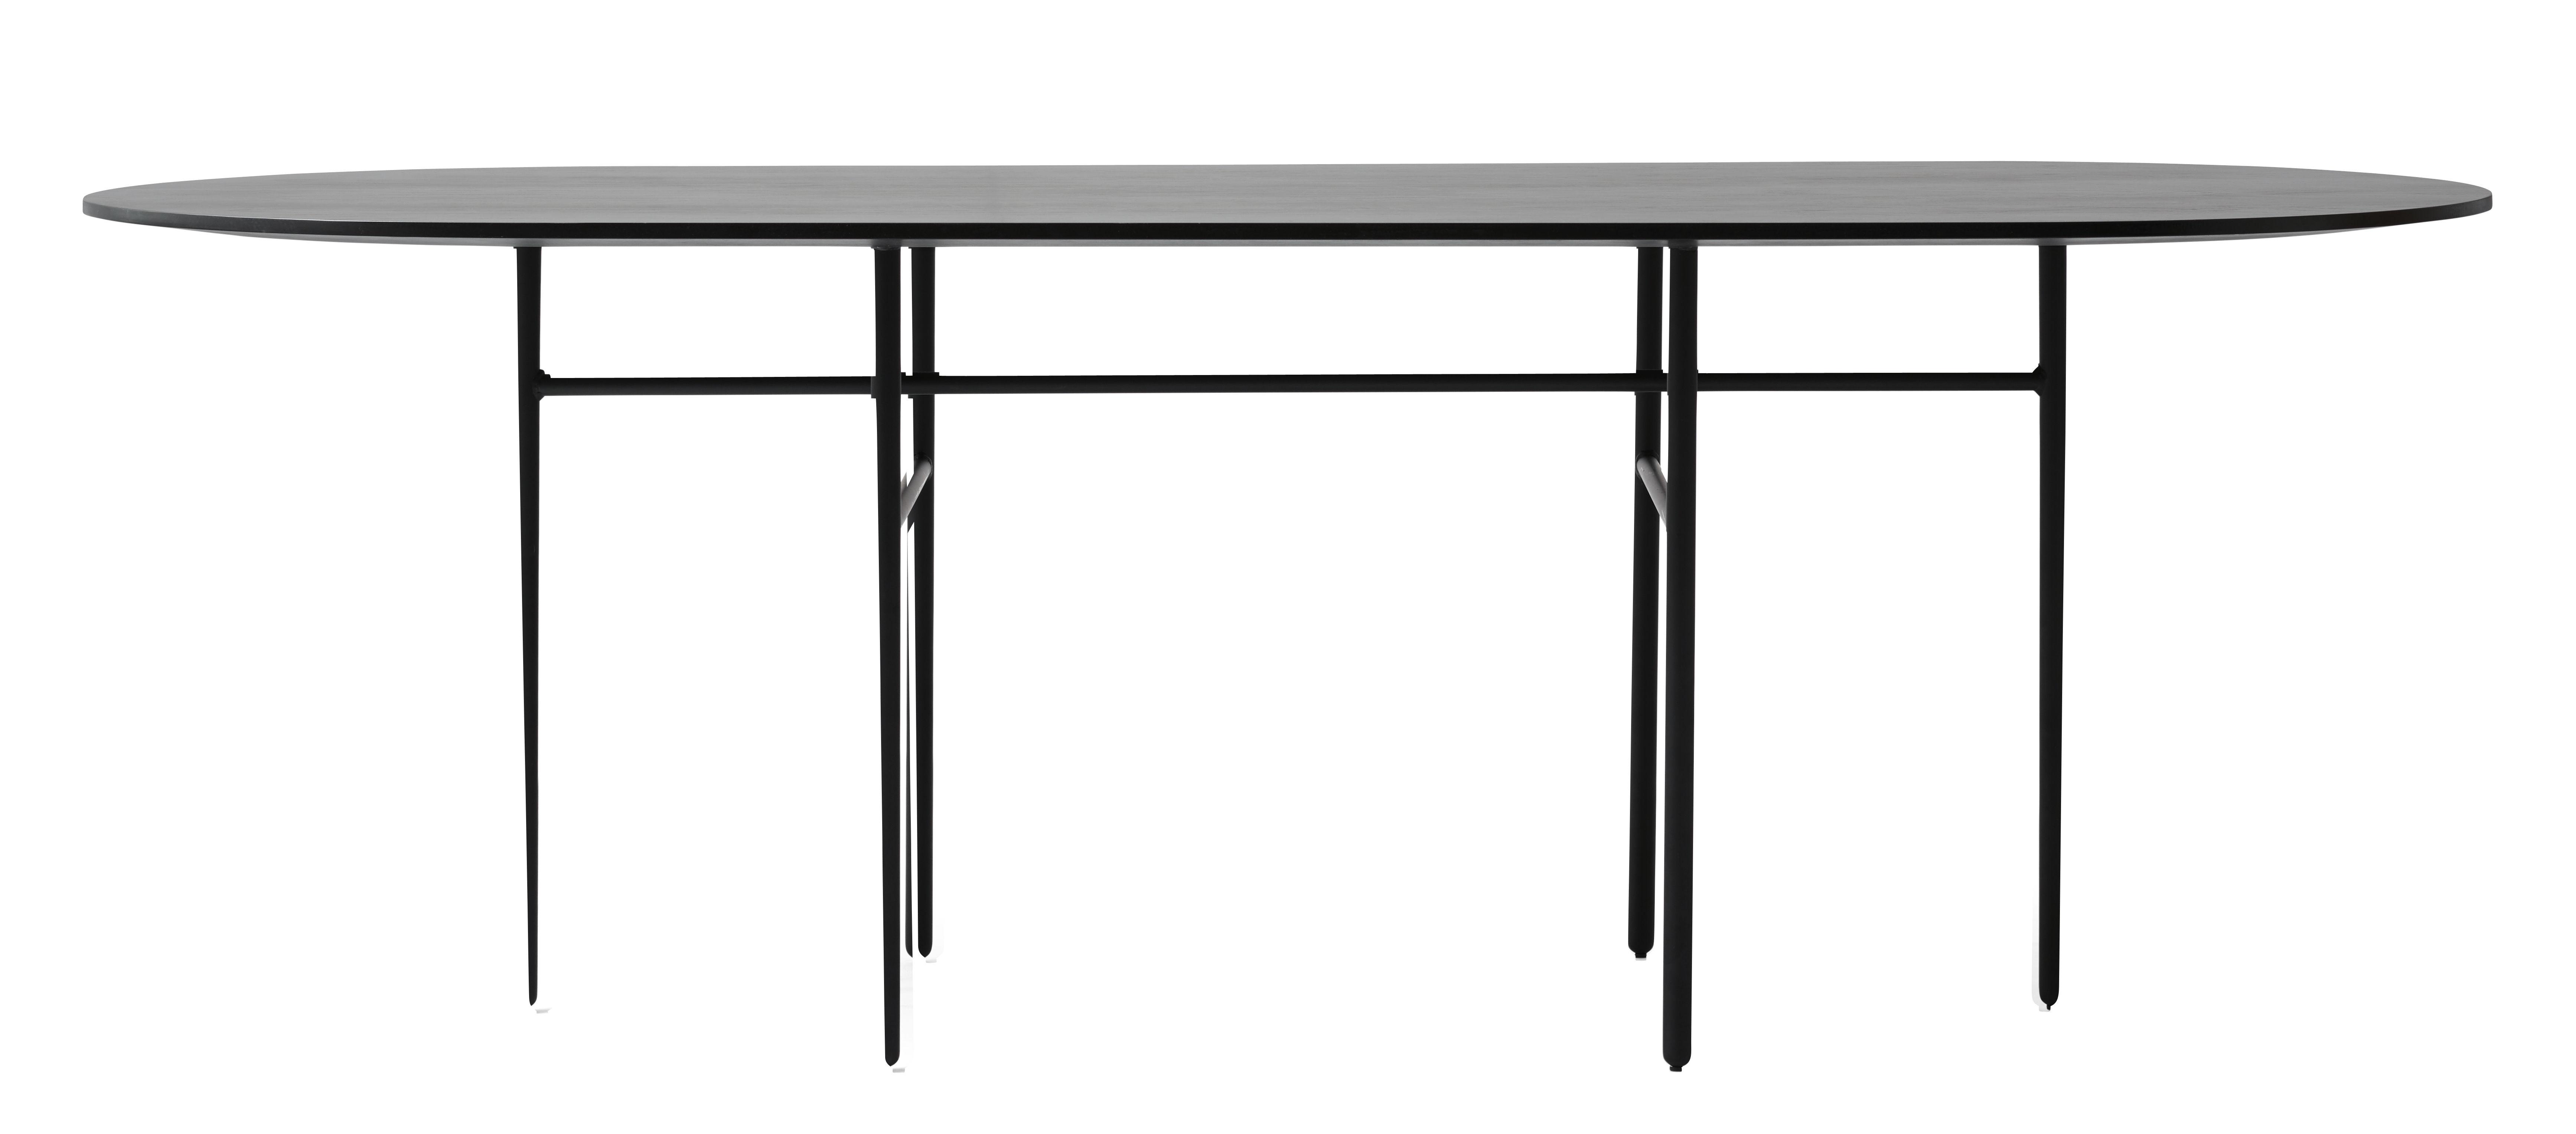 Mobilier - Tables - Table Snaregade / Ovale - 210 x 95 cm - Menu - Noir / Pied noir - Acier laqué, Contreplaqué de chêne